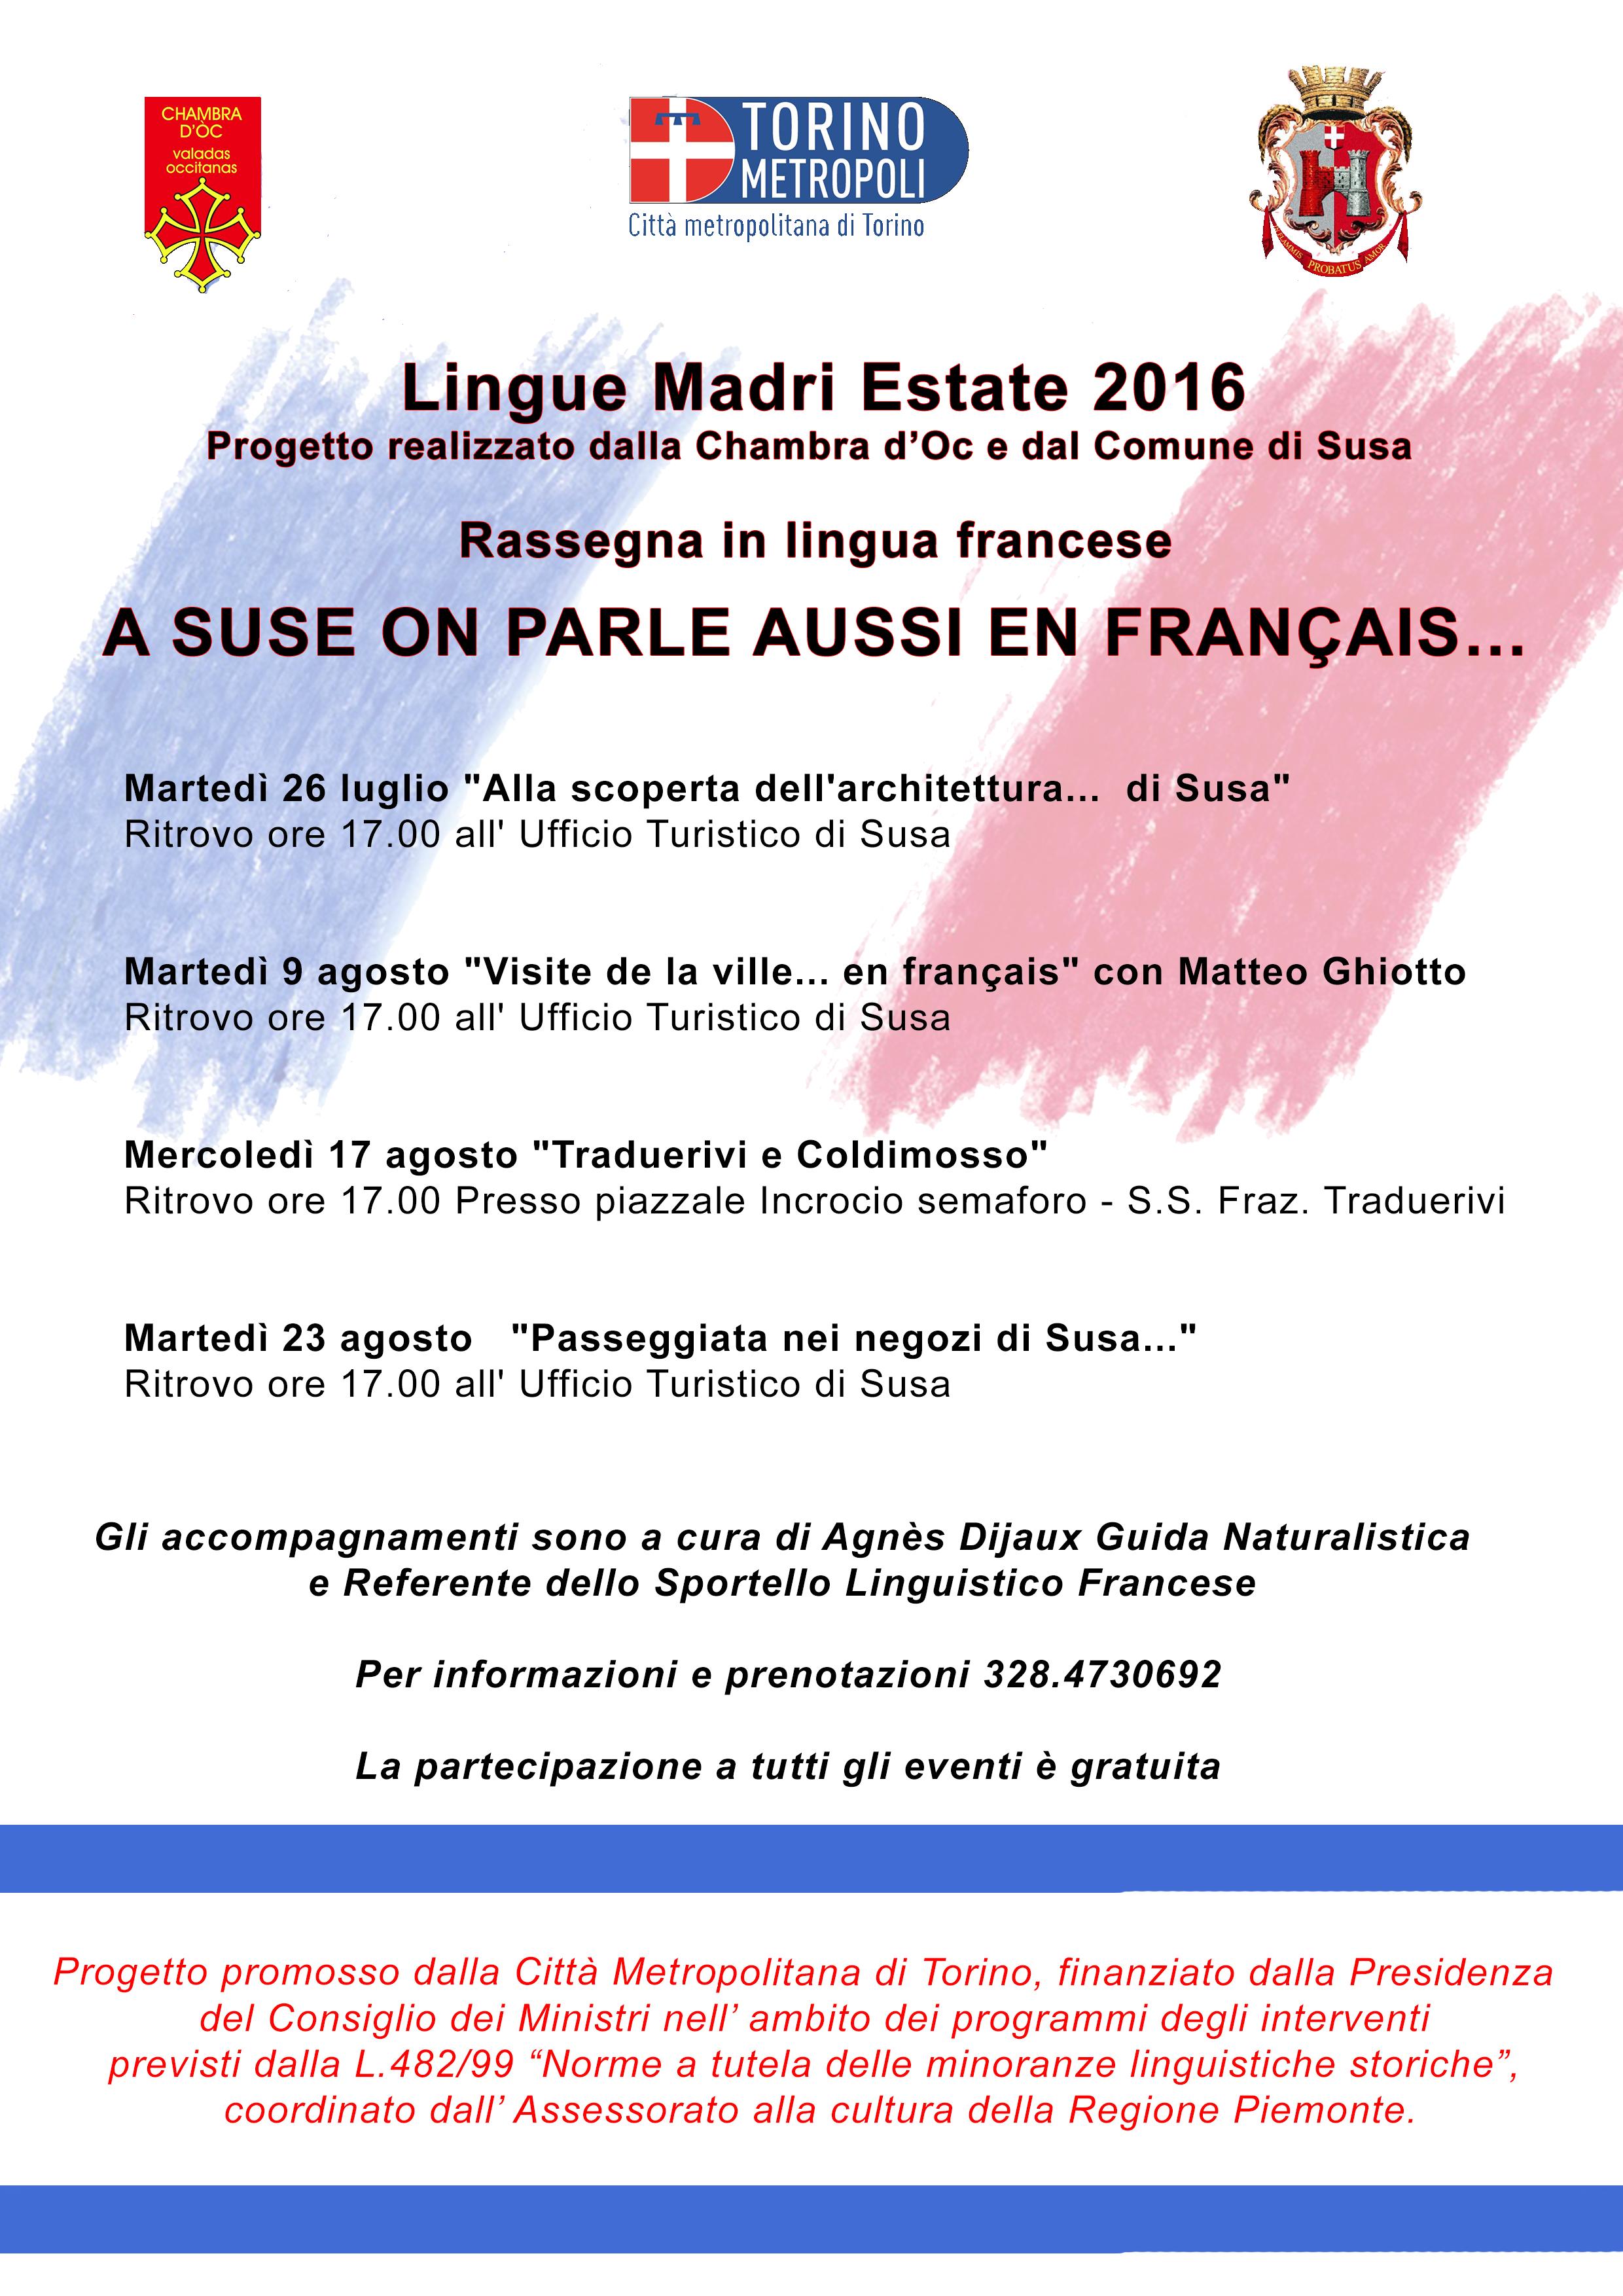 Susa Lingue Madri Estate 2016